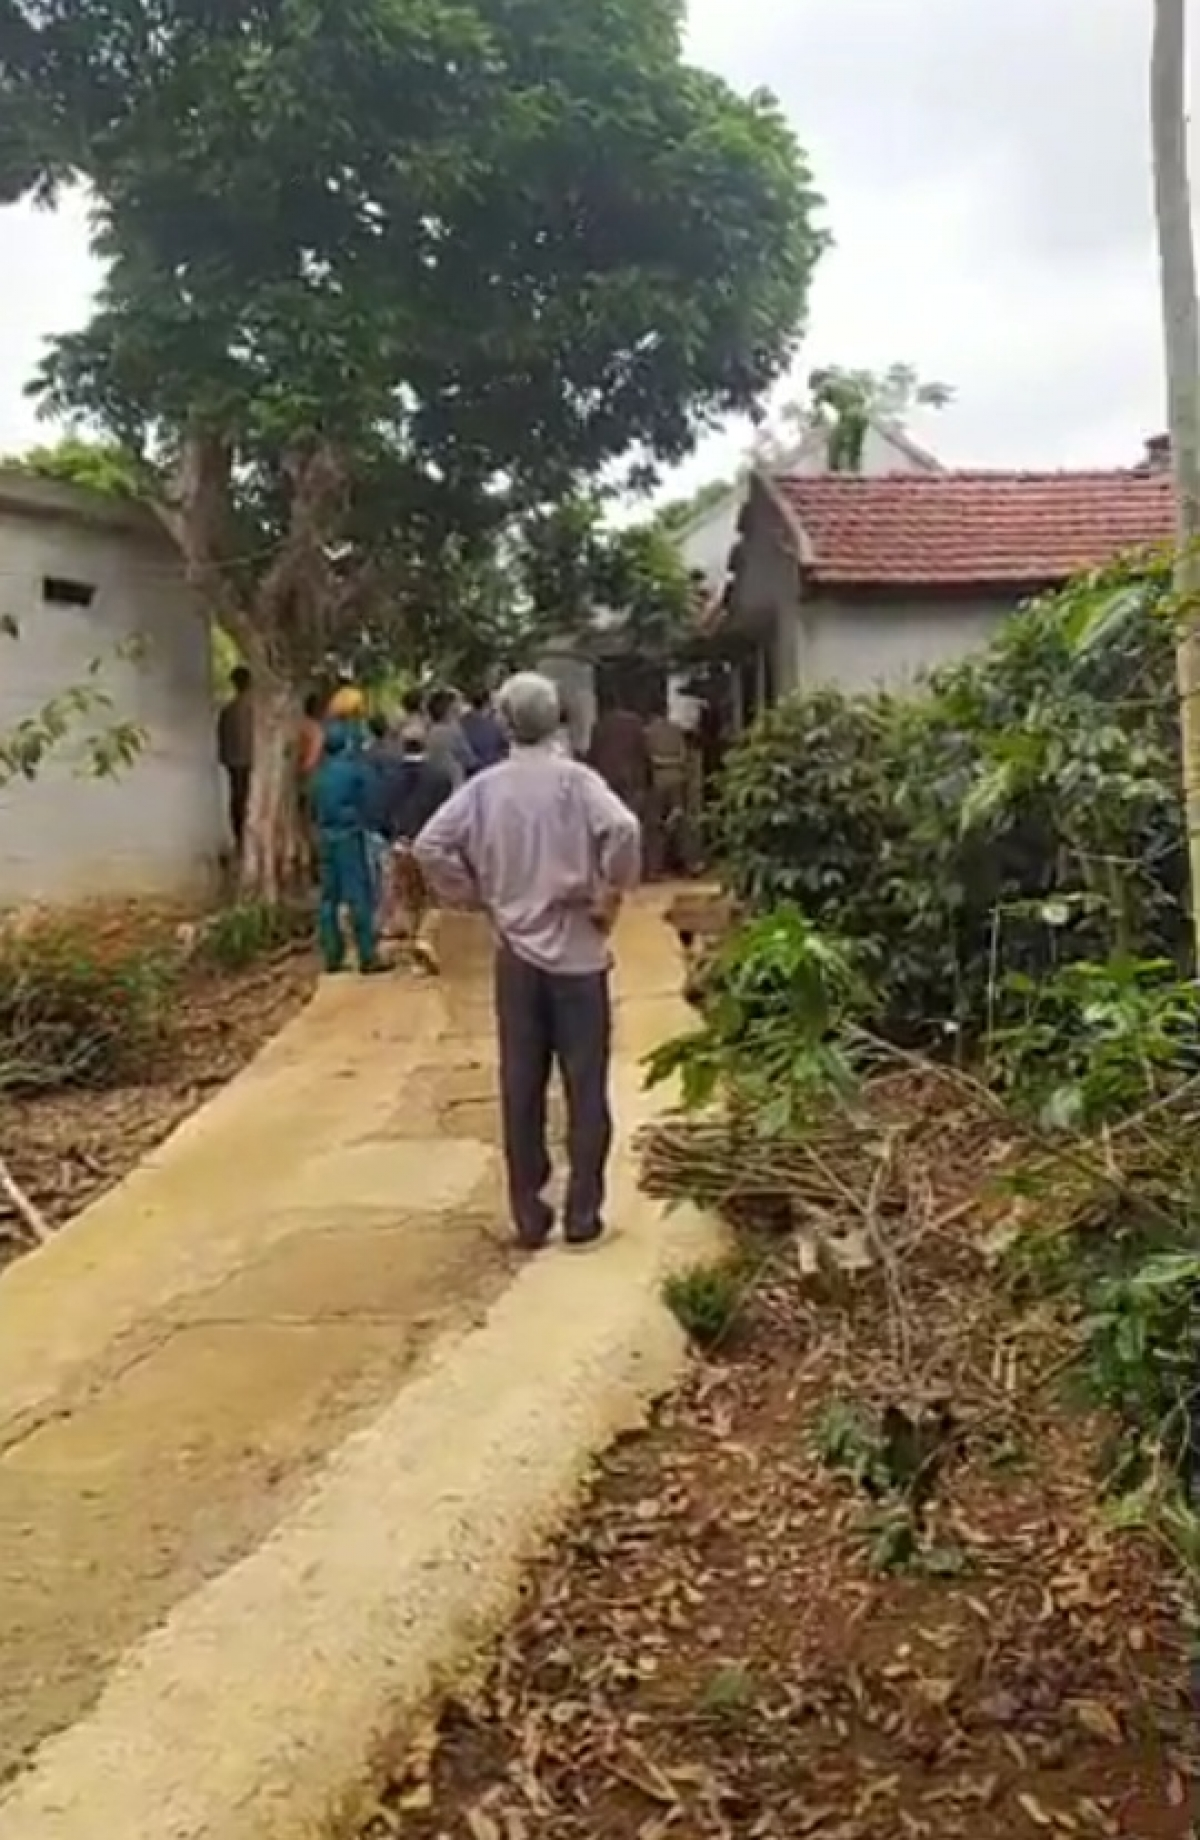 Căn nhà nơi xảy ra vụ án mạng.